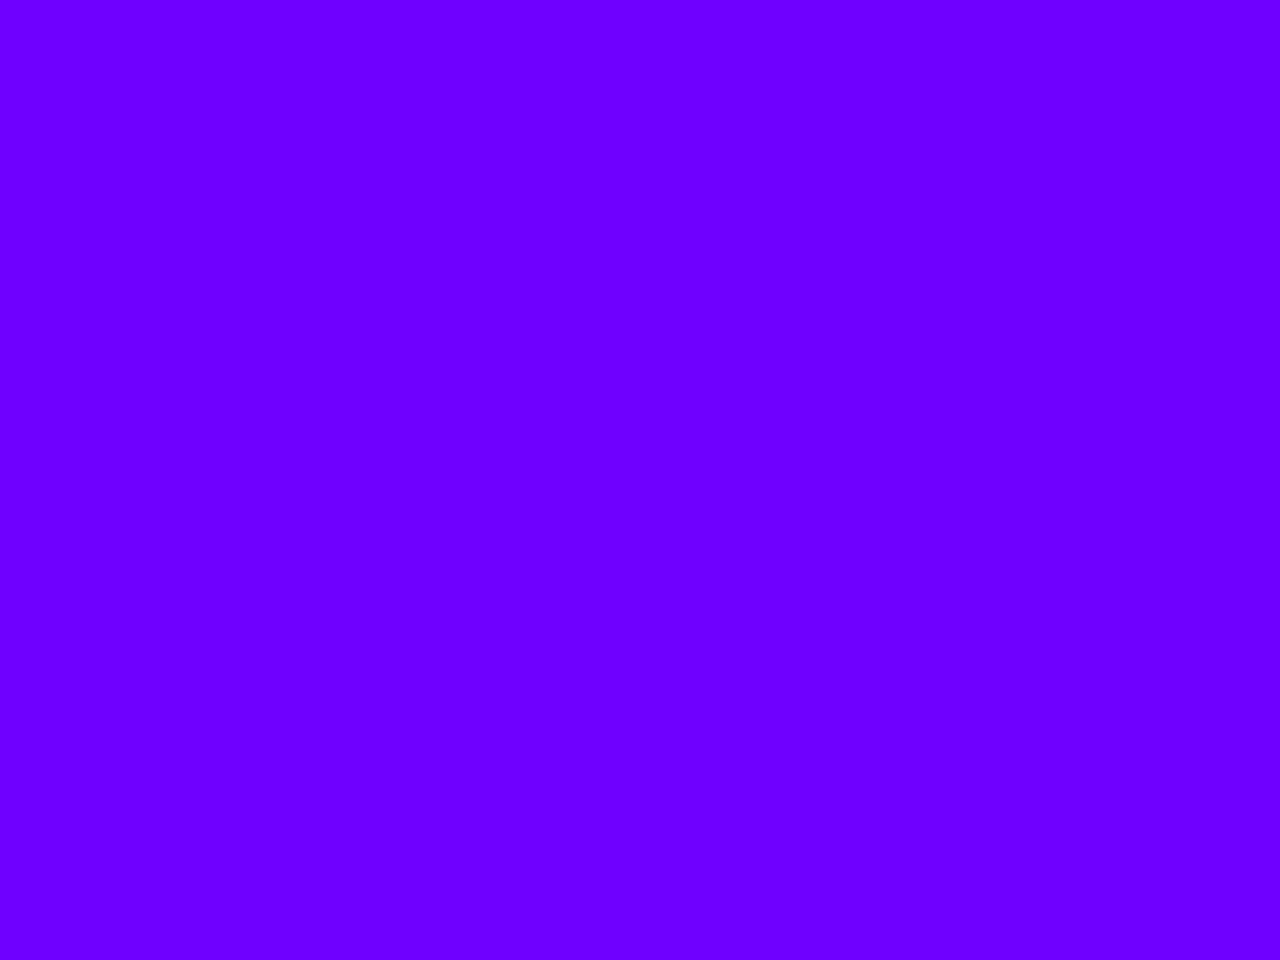 1280x960 Indigo Solid Color Background